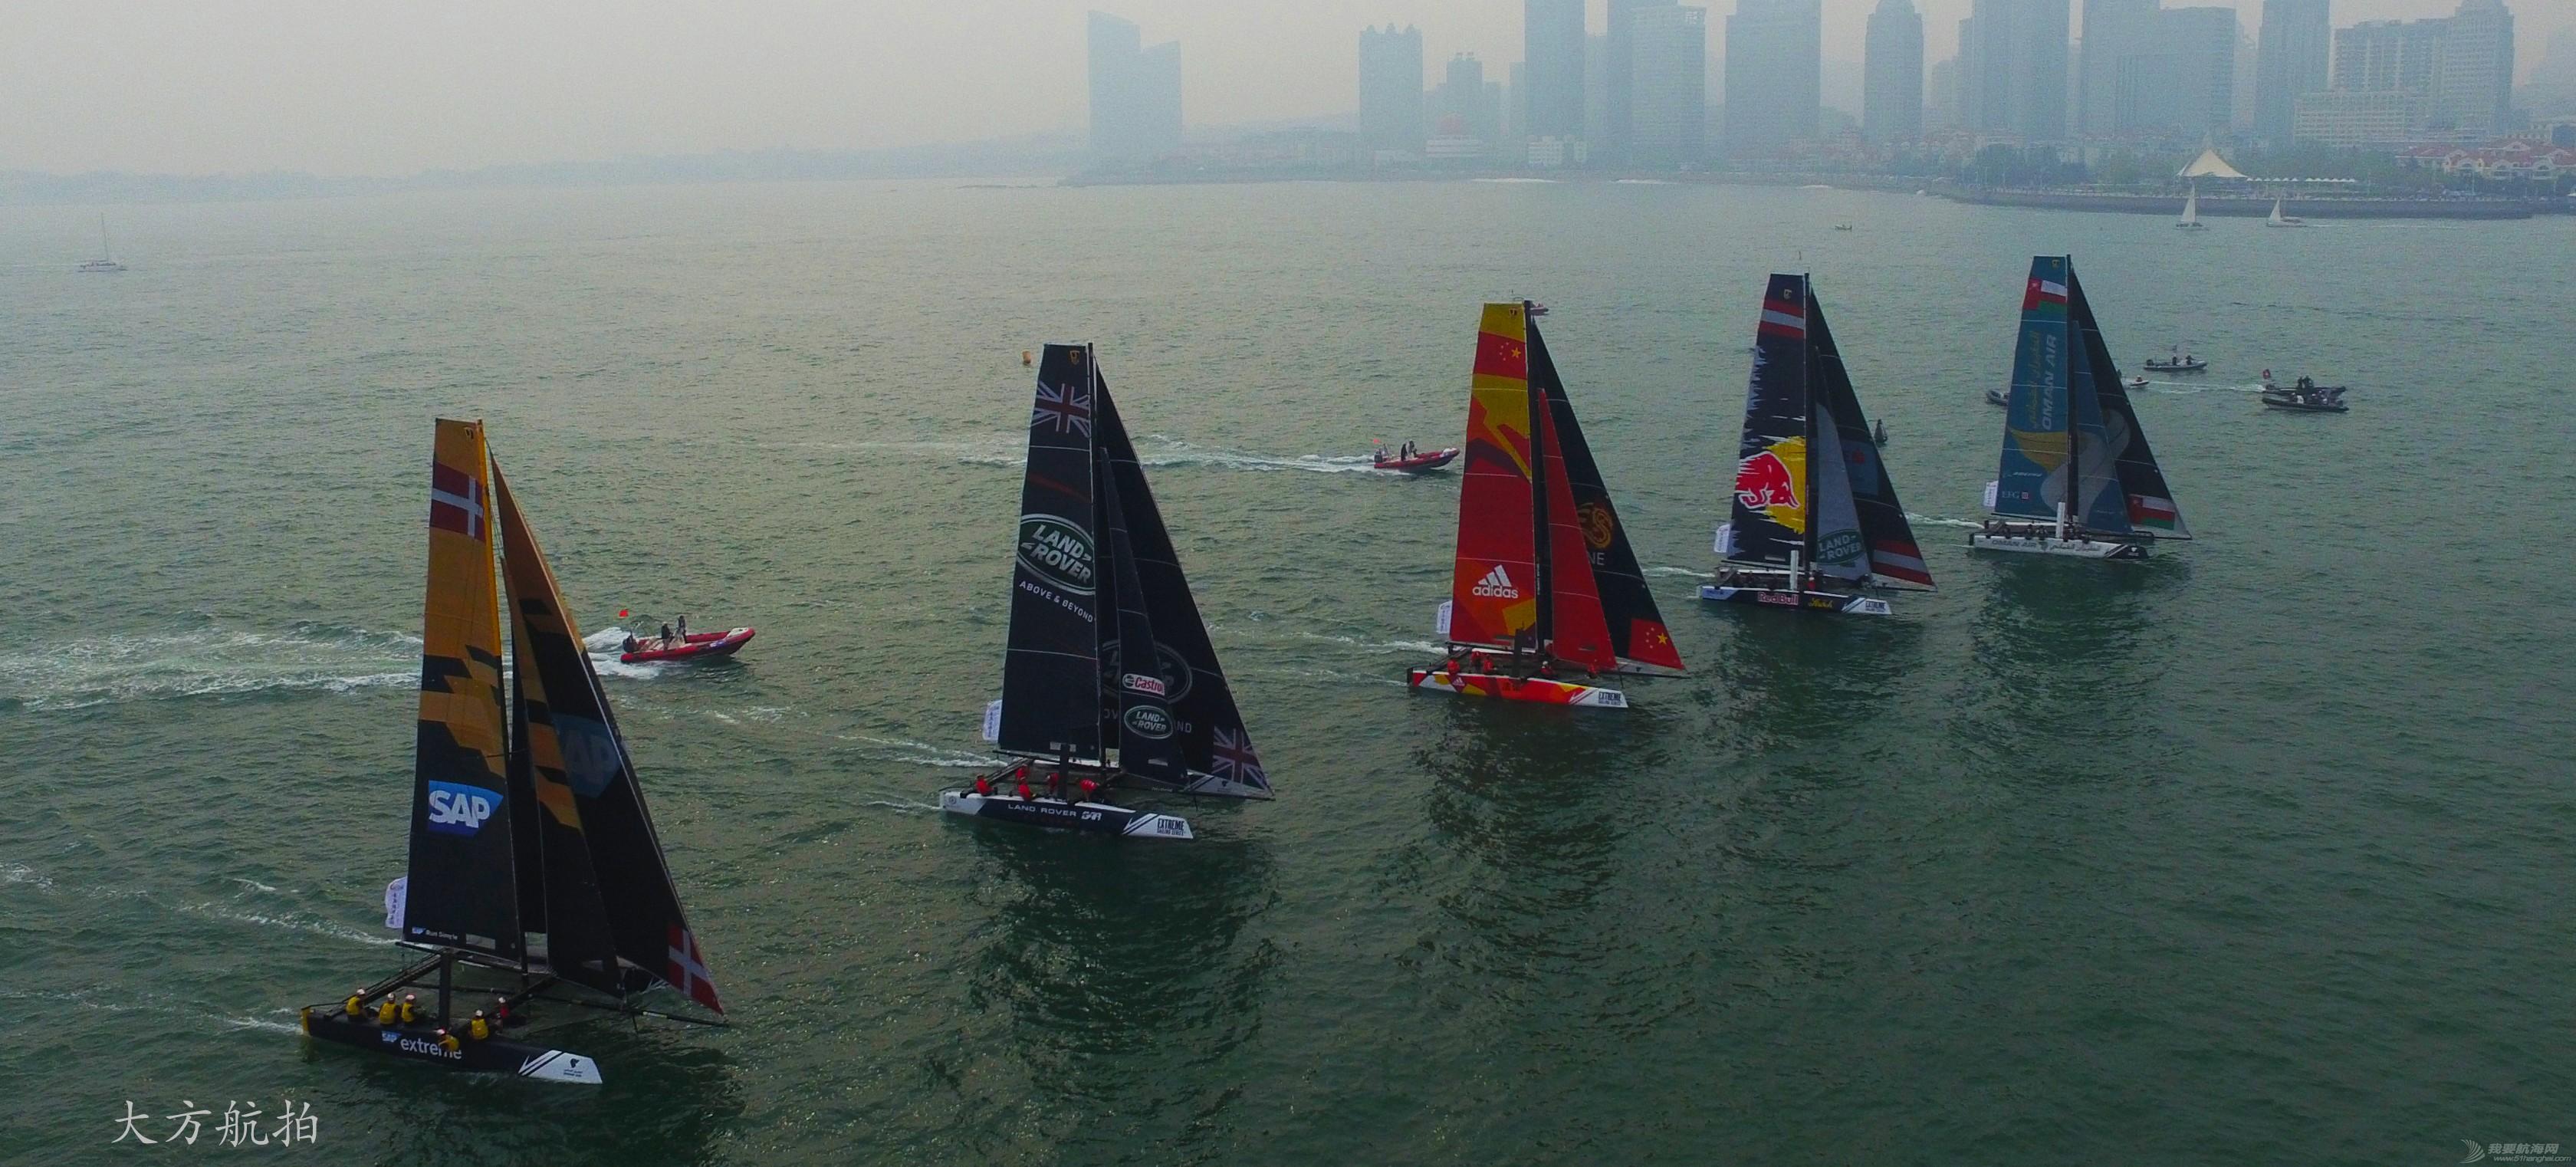 系列赛,青岛,帆船,国际,极限 2016国际极限帆船系列赛青岛站--大方航拍 DJI_0398.JPG